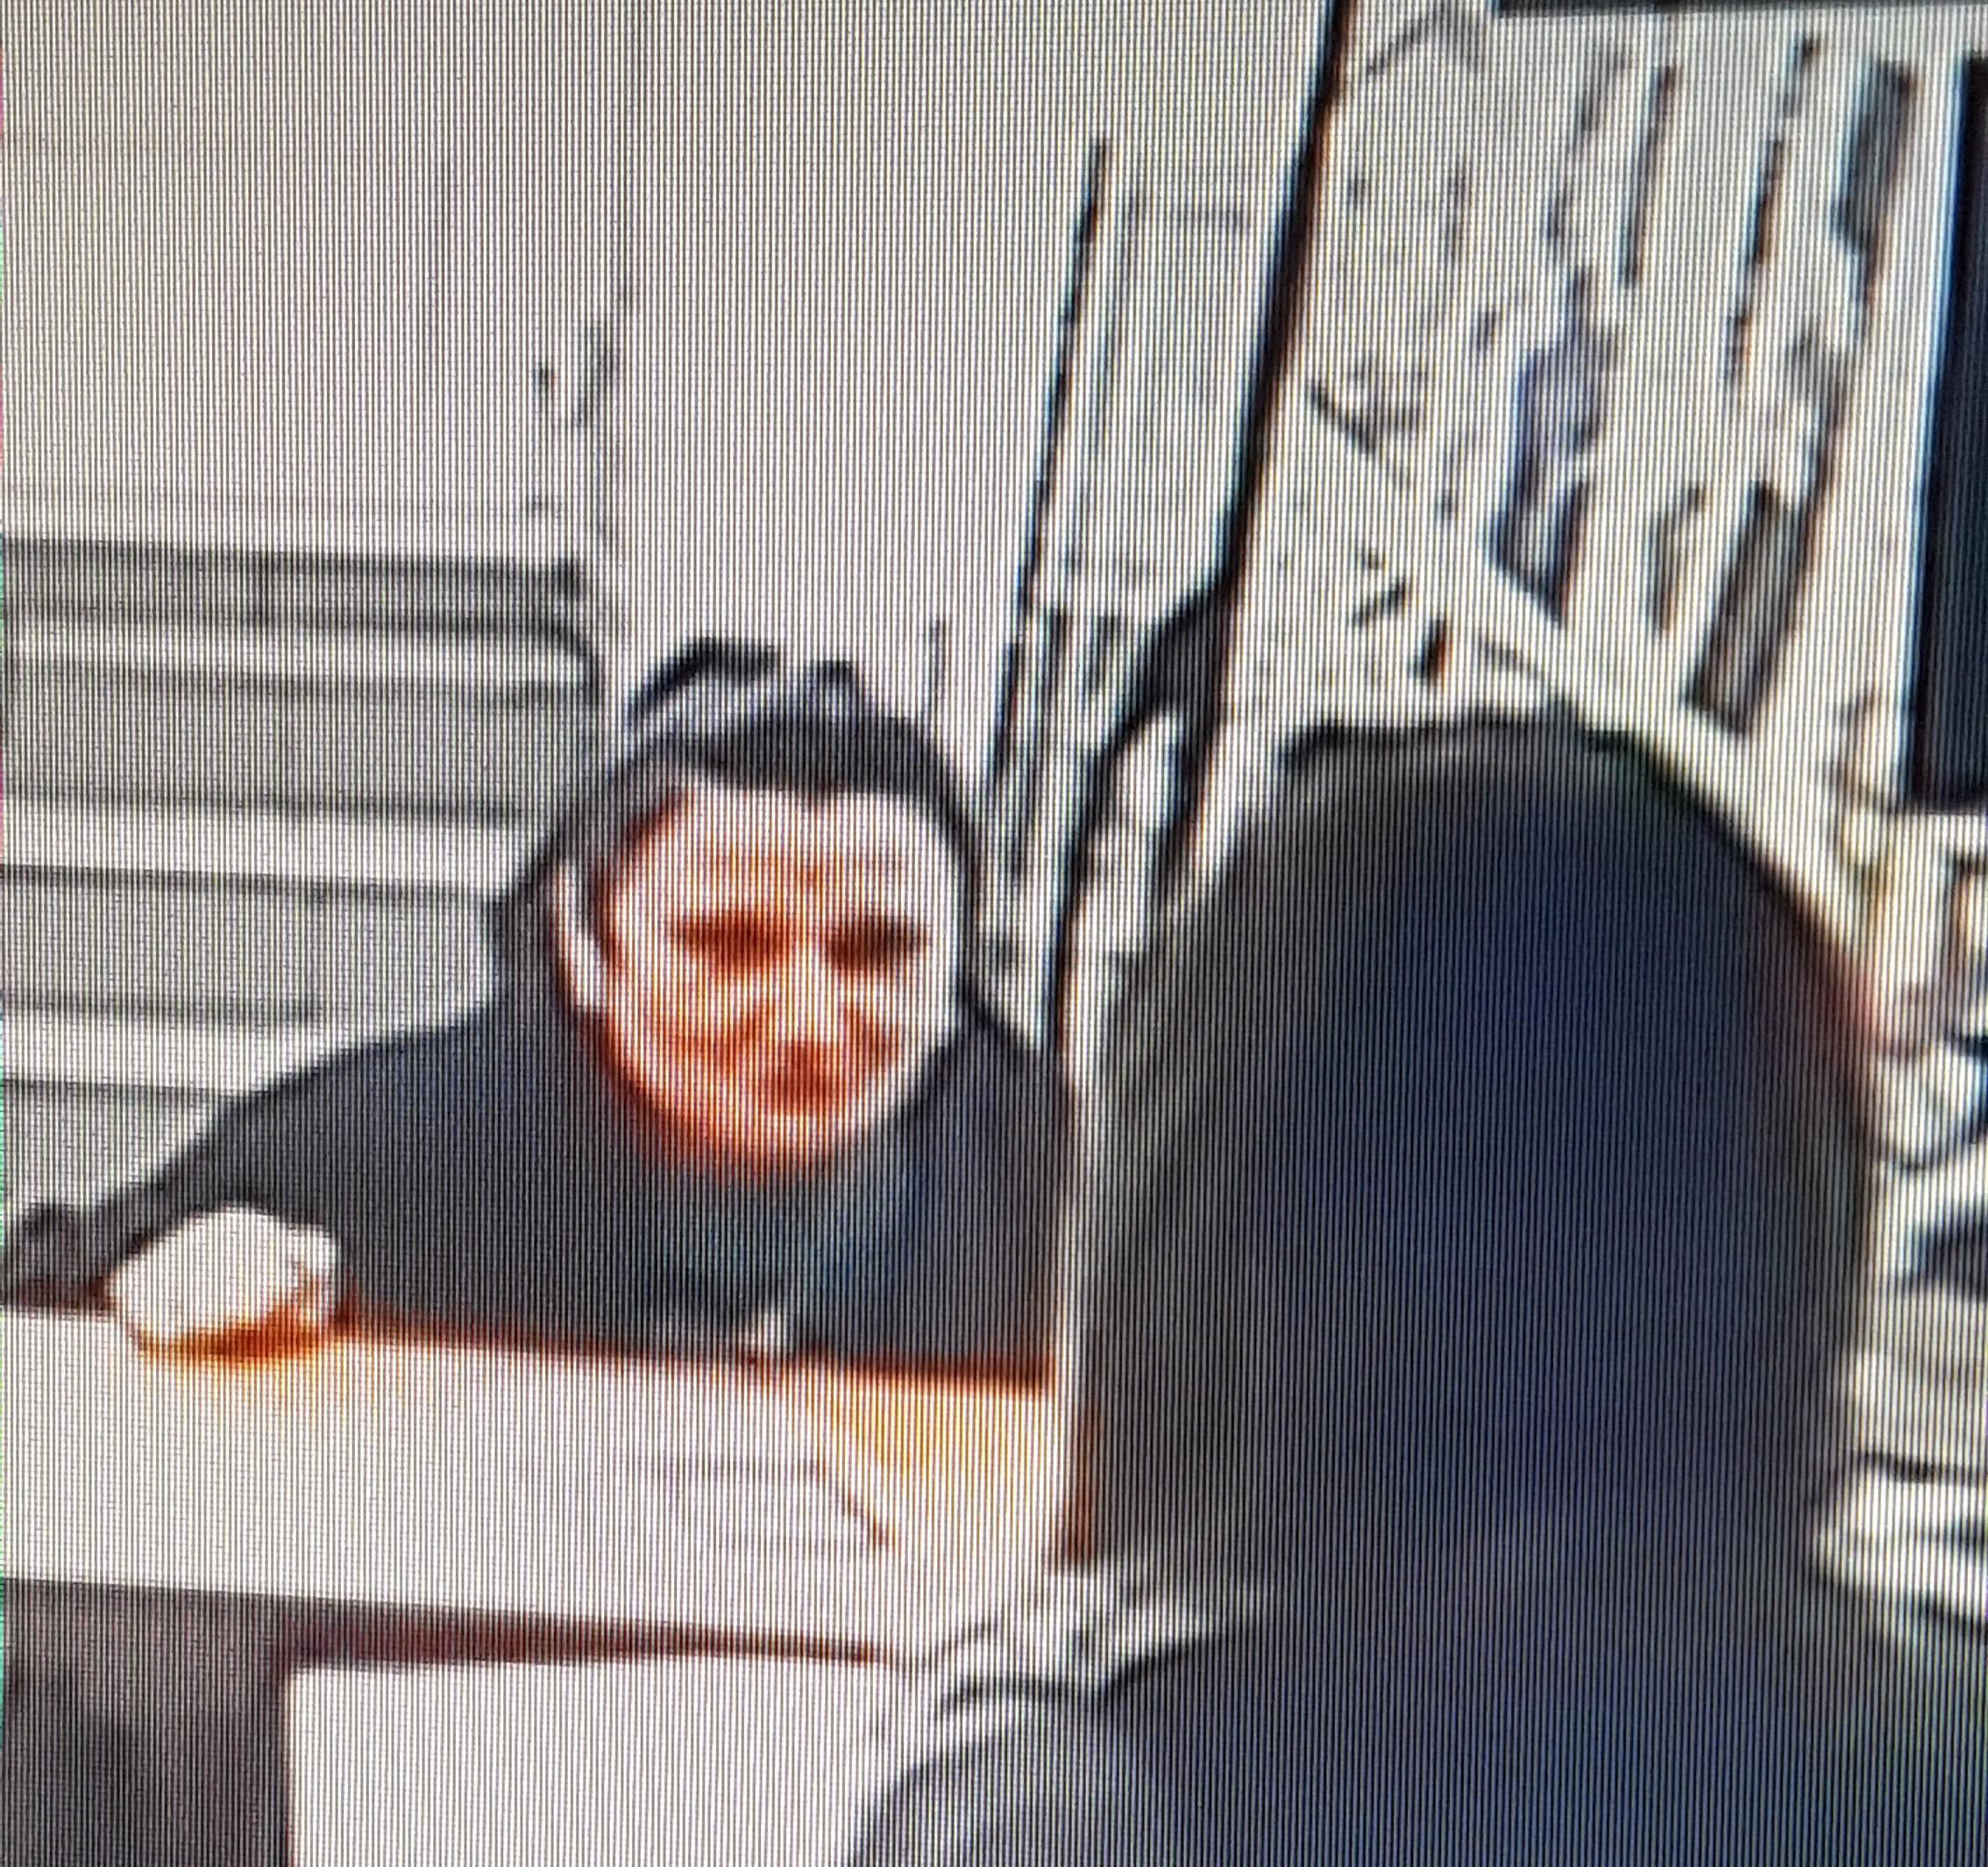 Ez a nő több mint 200 ezer forintot csalt ki egy Váci úti lottózóban, és még a pénztáros mobilját is lenyúlta